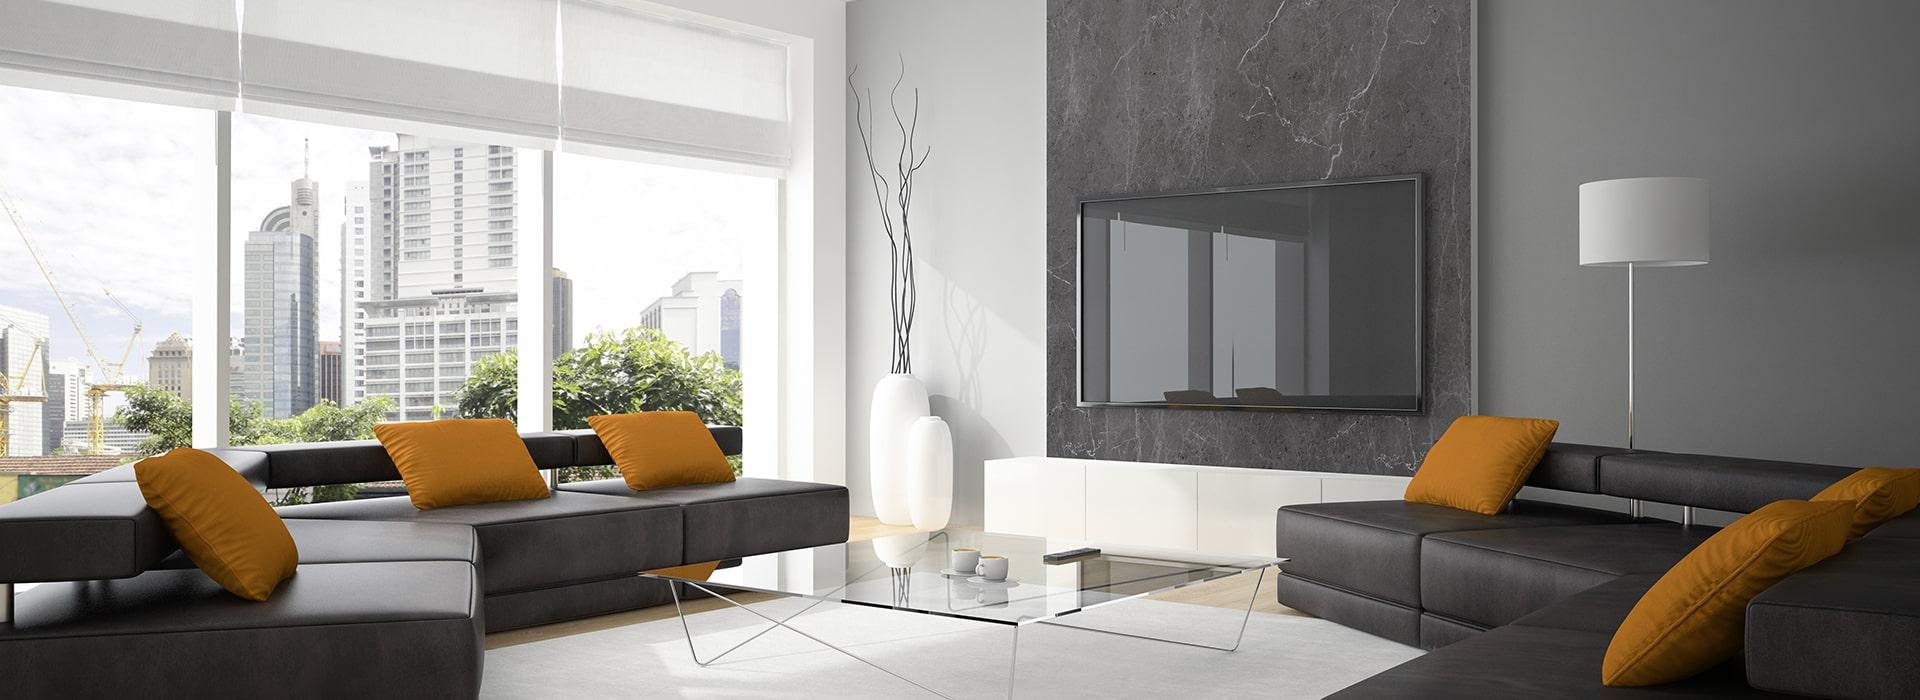 Duschrückwände-Wandplatten-Wohnzimmer